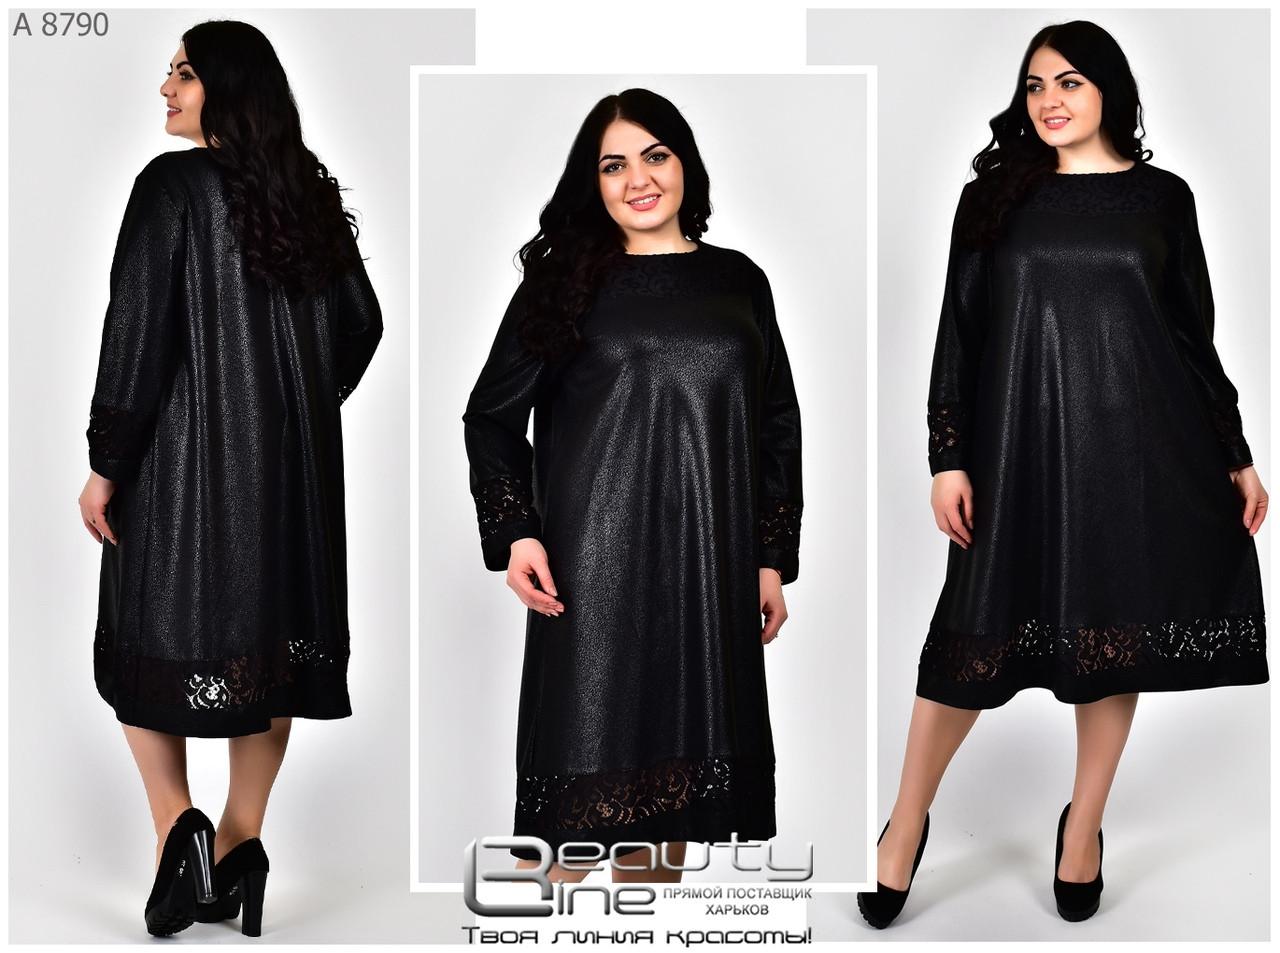 Очаровательное платье расклешенного силуэта  Размеры: 54-56.58-60.62-64.66-68.70-72